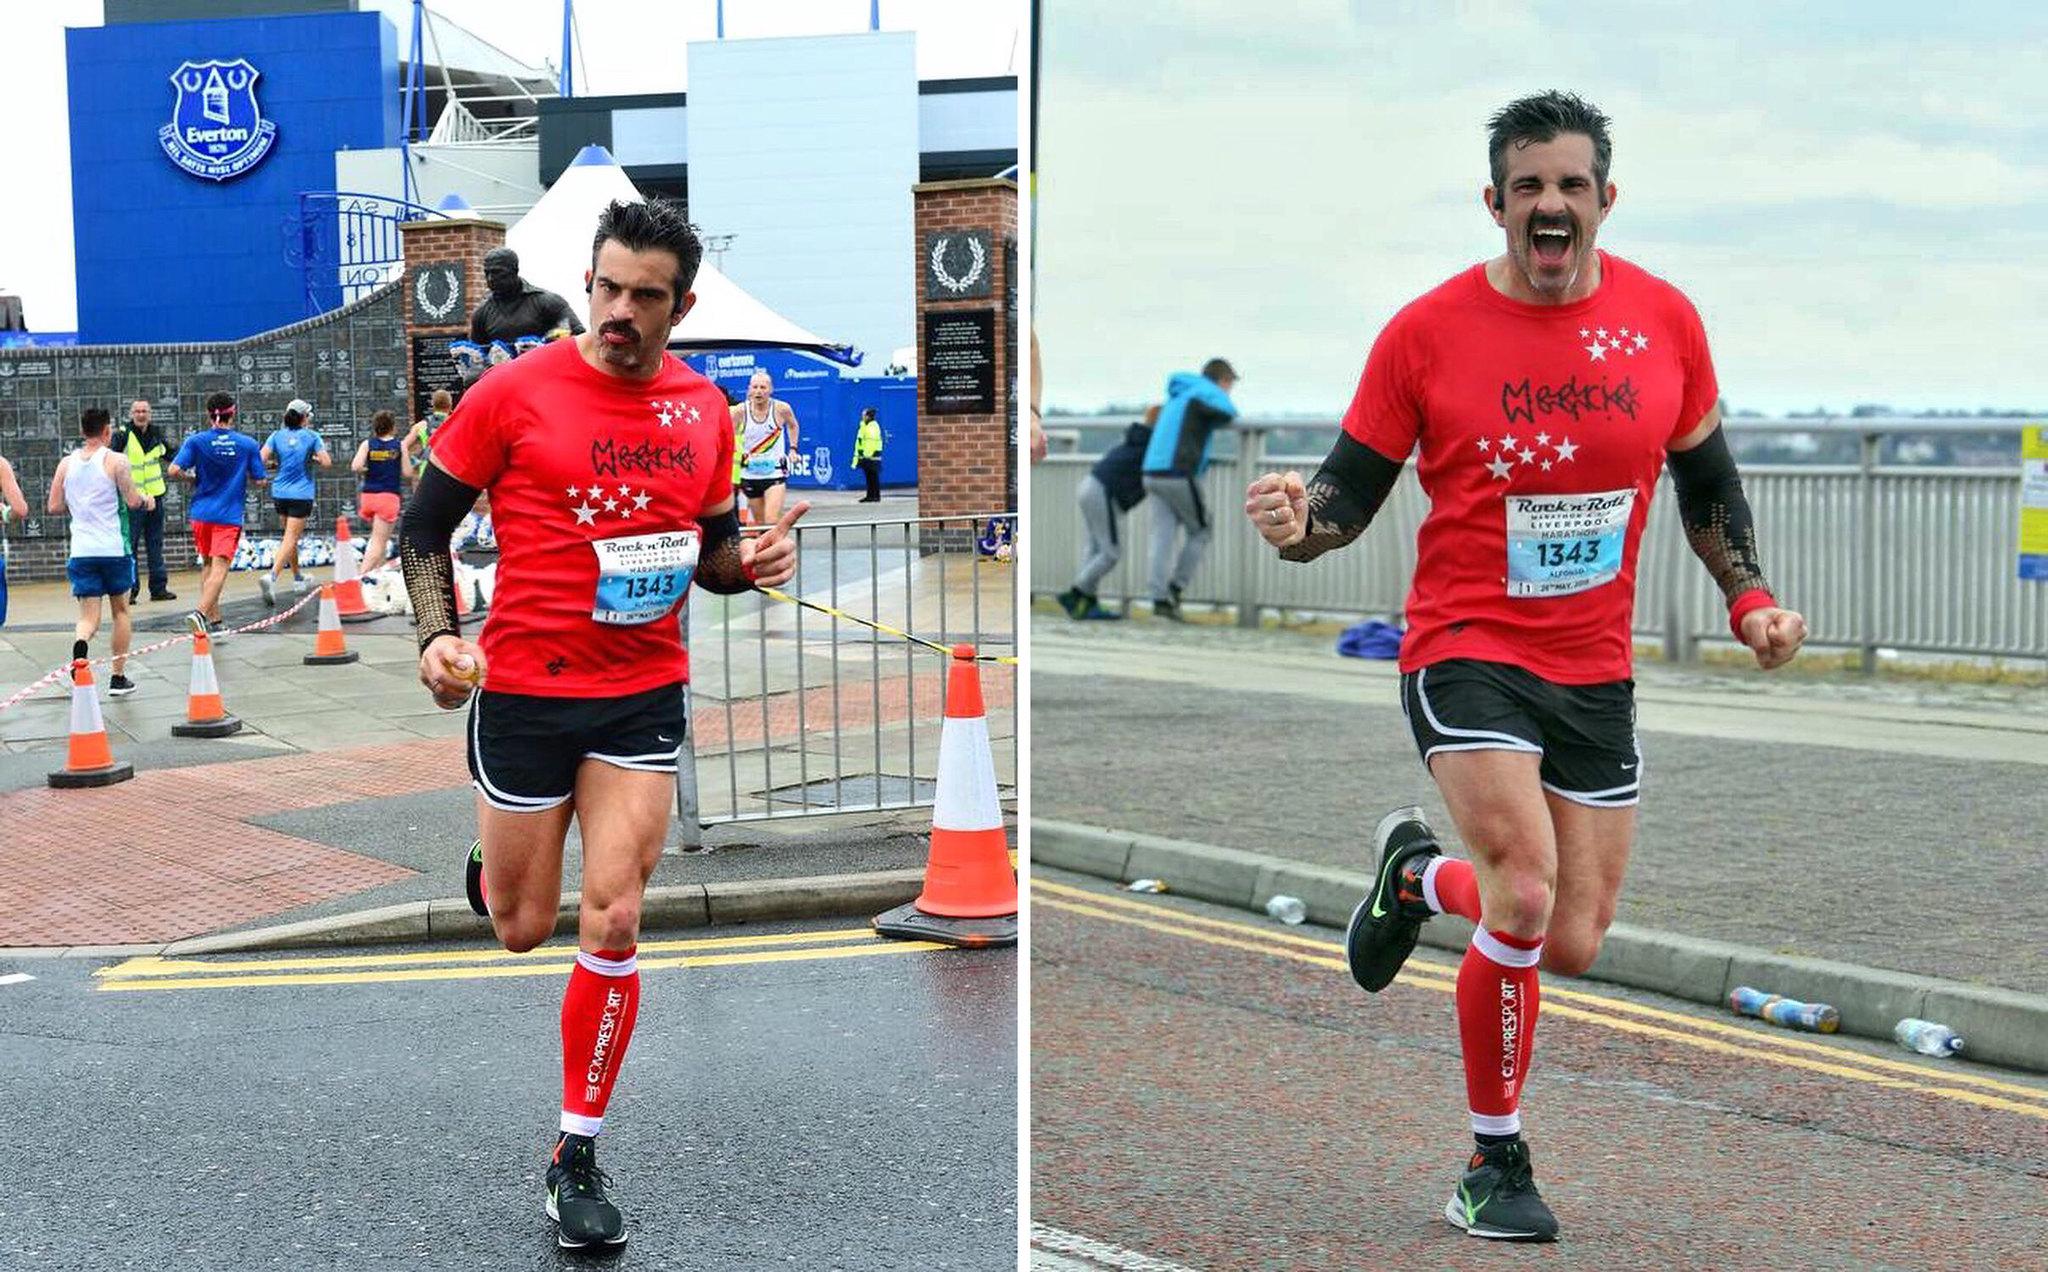 Maratón de Liverpool, Marathon maratón de liverpool - 48687603606 9f8d72ba02 k - Maratón de Liverpool: análisis, recorrido, entrenamiento y recomendaciones de viaje